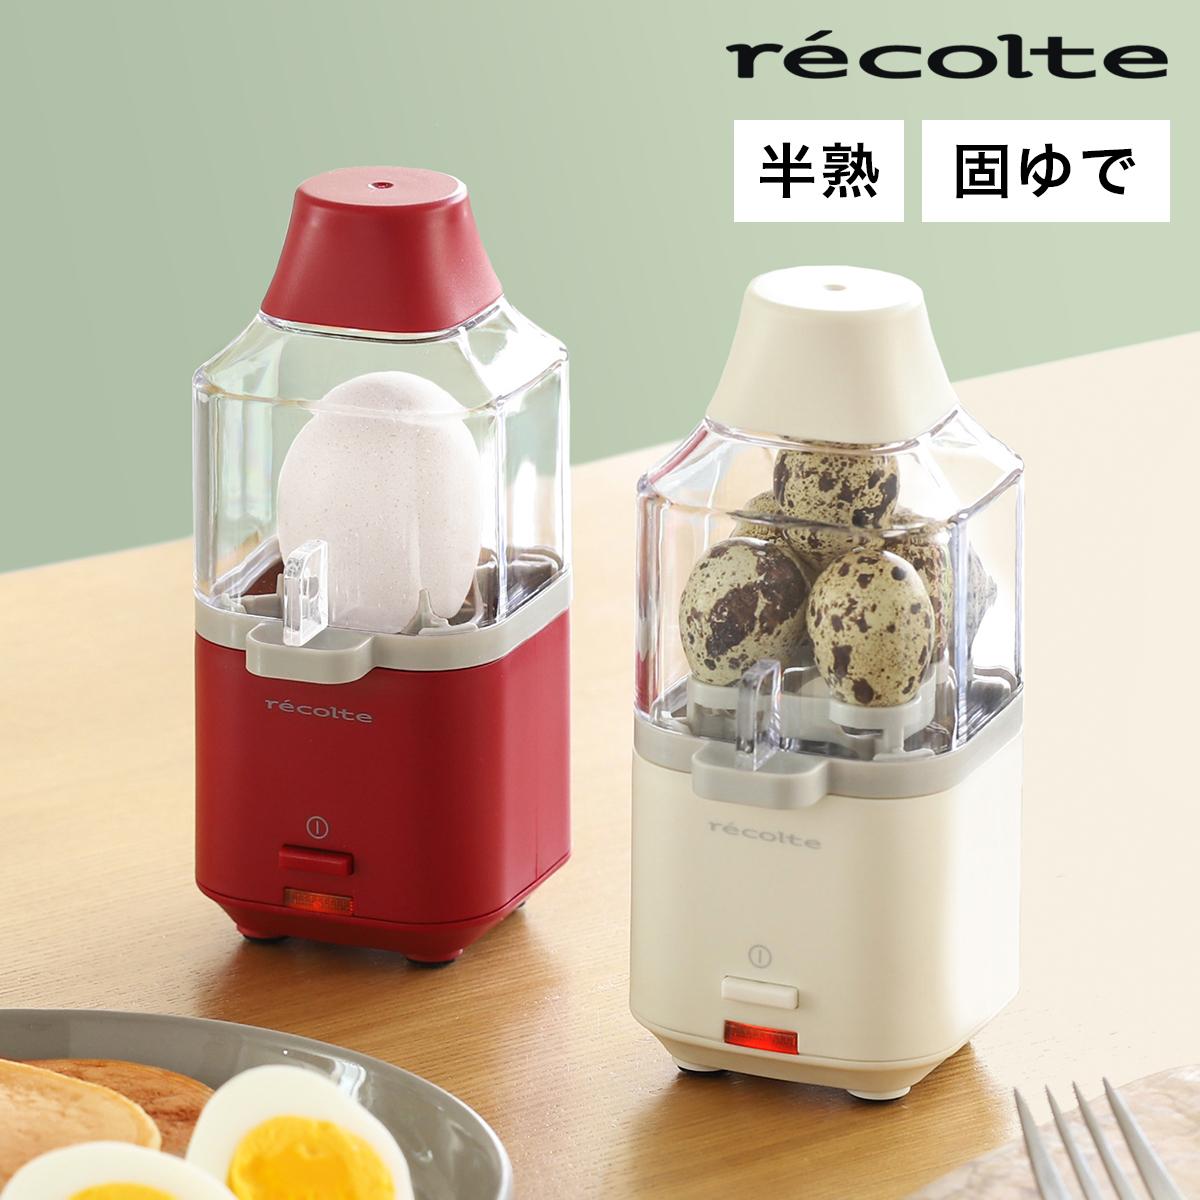 少量の水を入れてボタンを押して待つだけで 簡単にゆで卵が完成 水の量を調節することで 固ゆでも半熟も約10分 鶏卵で1個 またはうずら卵で5個のゆで卵が一度に出来ます エッグスチーマー レコルト 選べる特典付き ゆで卵器 電気 調理器 うずらの卵 自動 ゆで卵メーカー 1個用 正規品 電気調理器 送料無料 卵 ゆでたまご器 うずら Egg 省エネ 期間限定送料無料 recolte ゆでたまご 半熟 ゆで卵 Steamer スリム コンパクト 固ゆで 茹で卵 ゆで玉子 RES-1